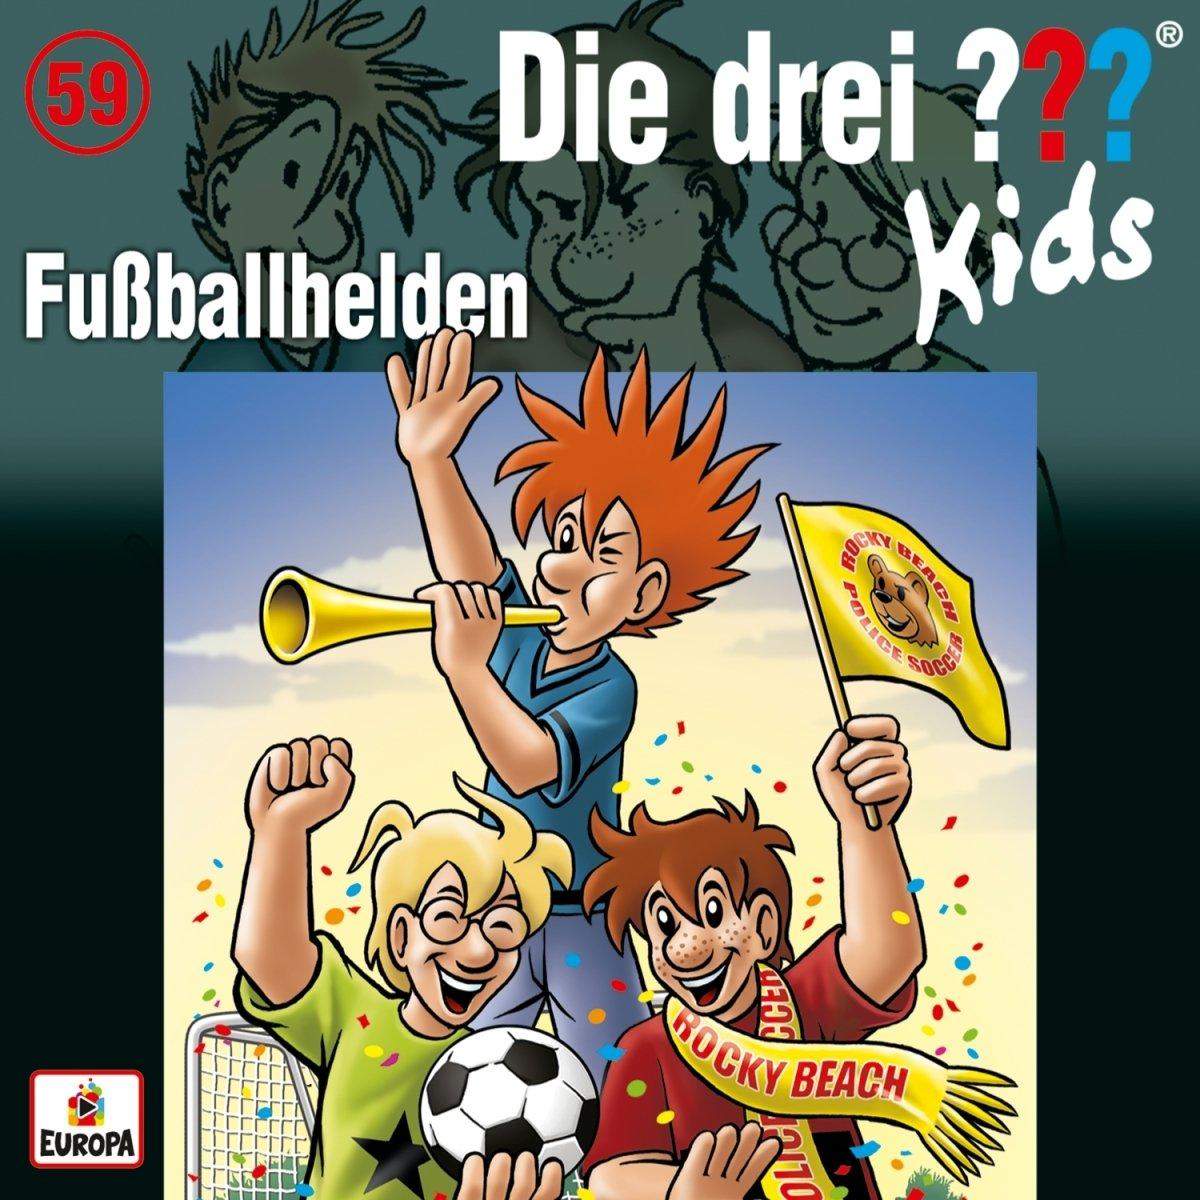 059/Fuß ballhelden Europa (Sony Music) Wort Kinderhörspiele